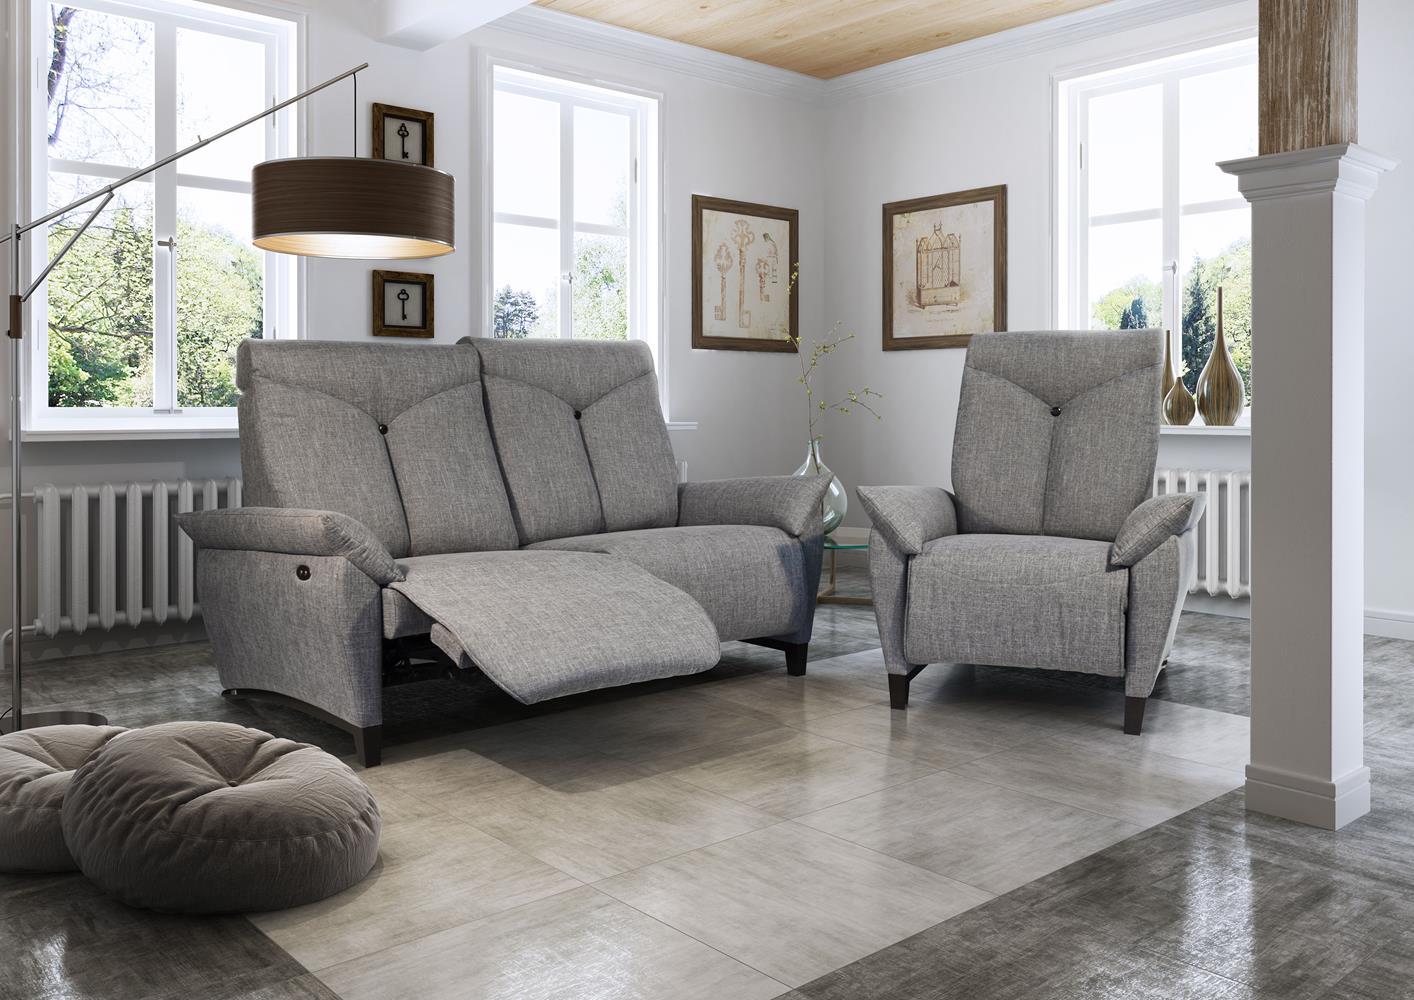 Acheter votre grand canapé droit à têtières réglables chez